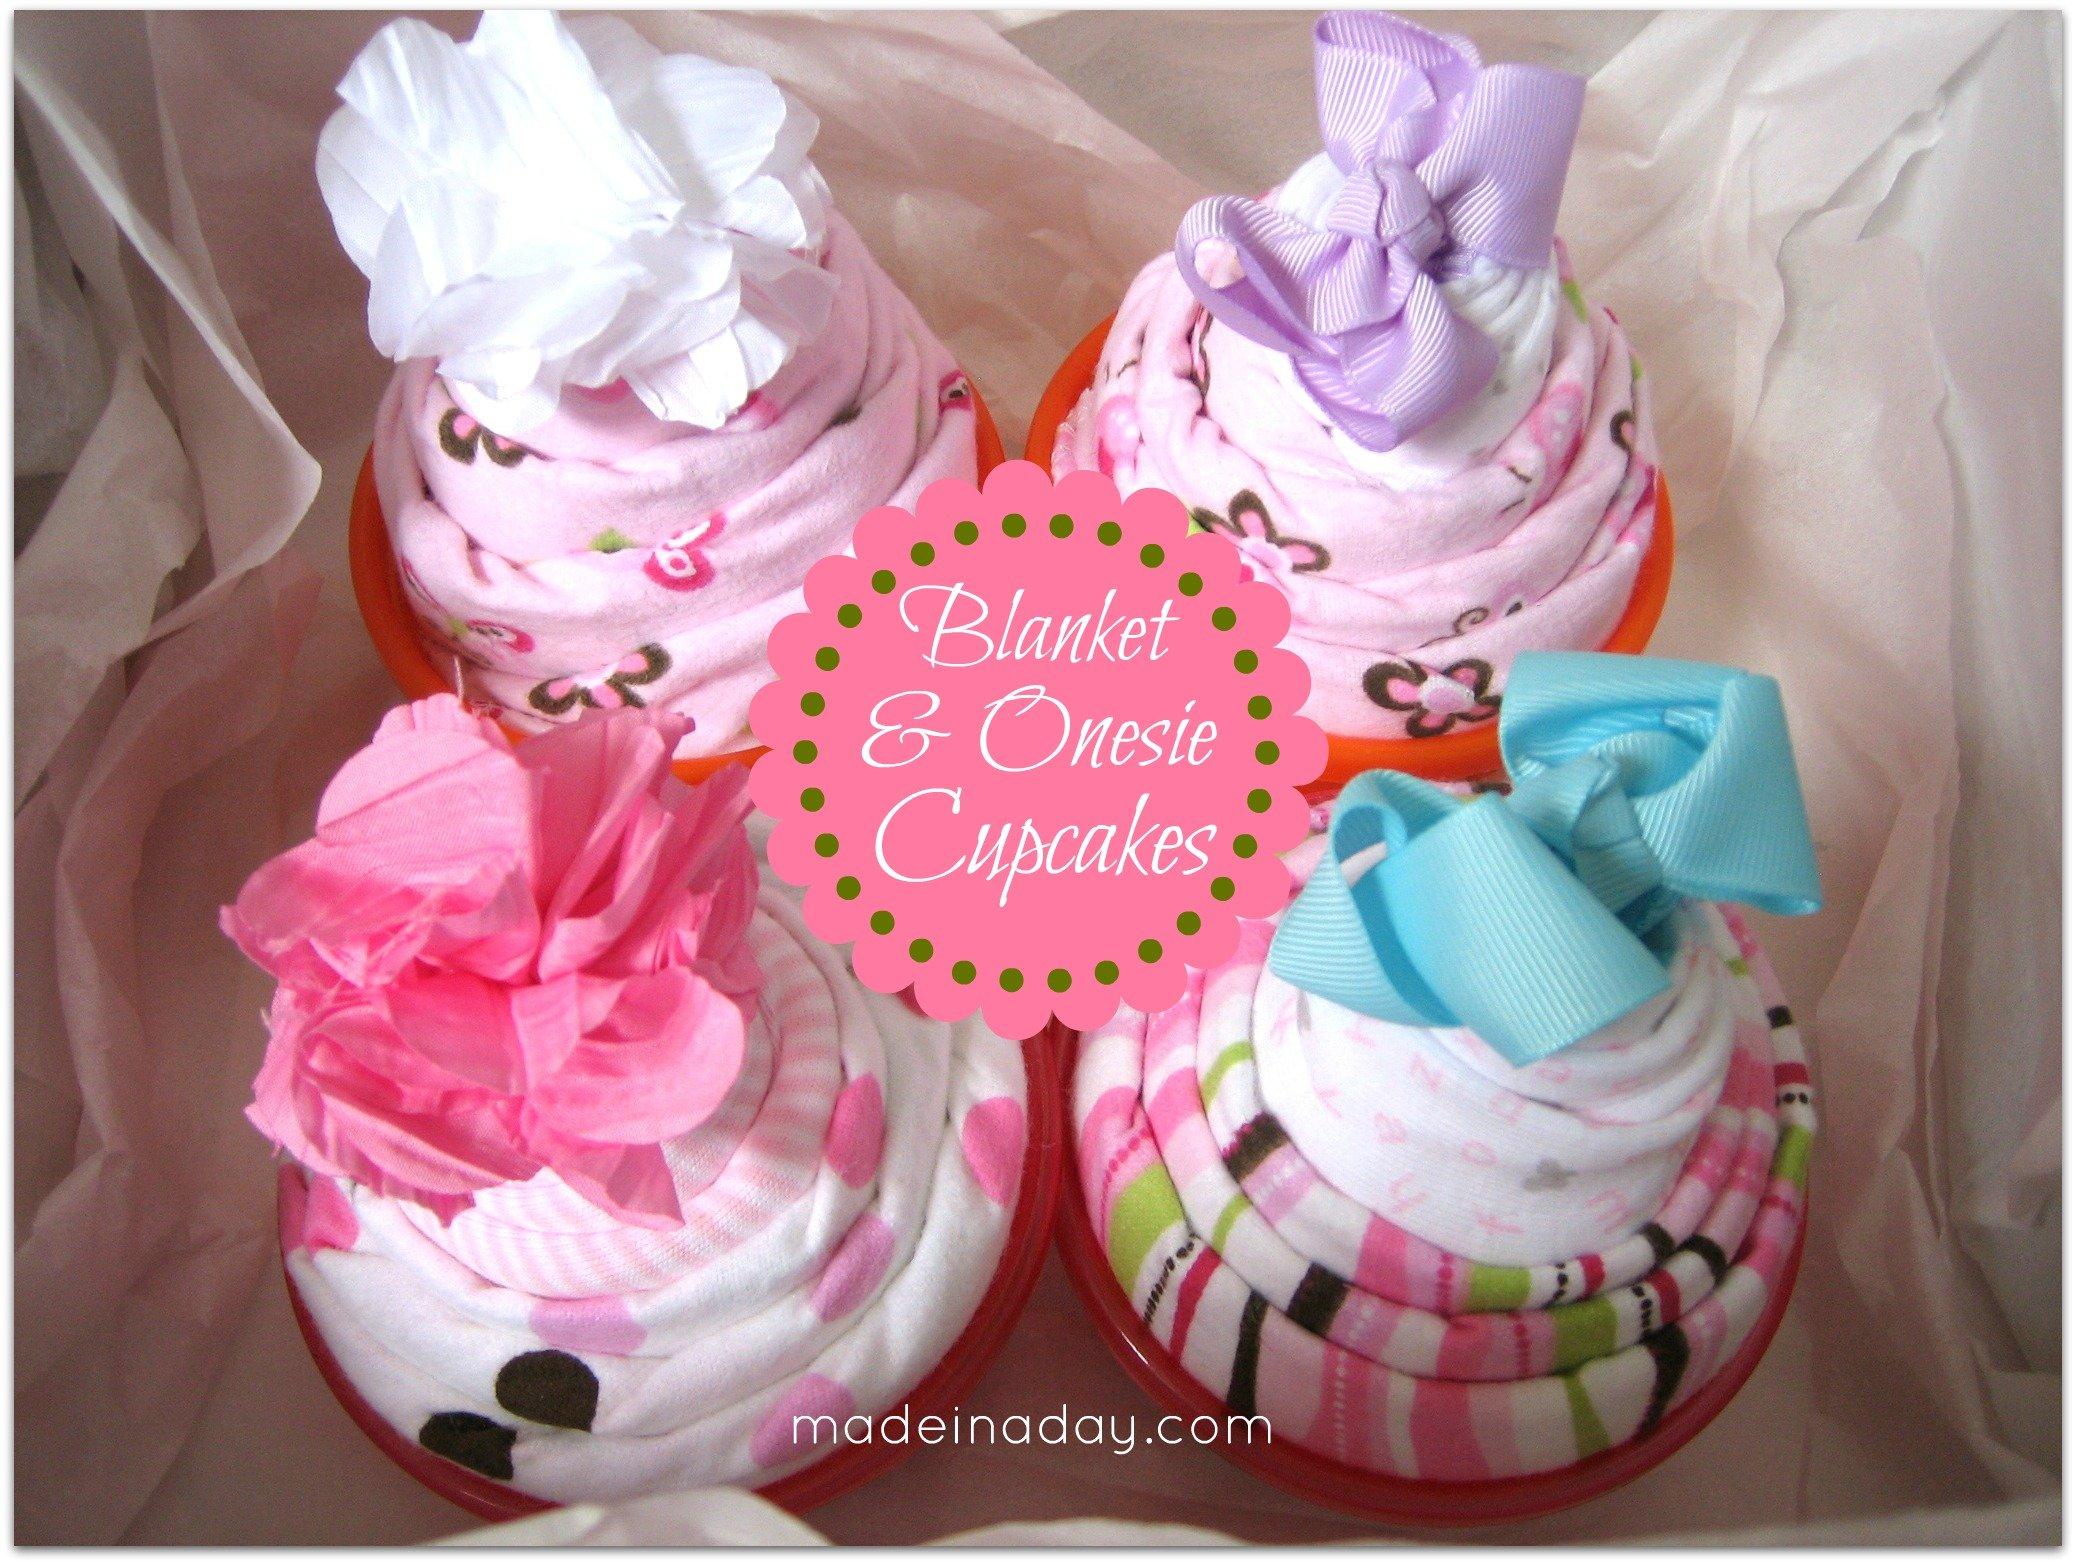 Baby Blanket & Onesie Cupcakes!